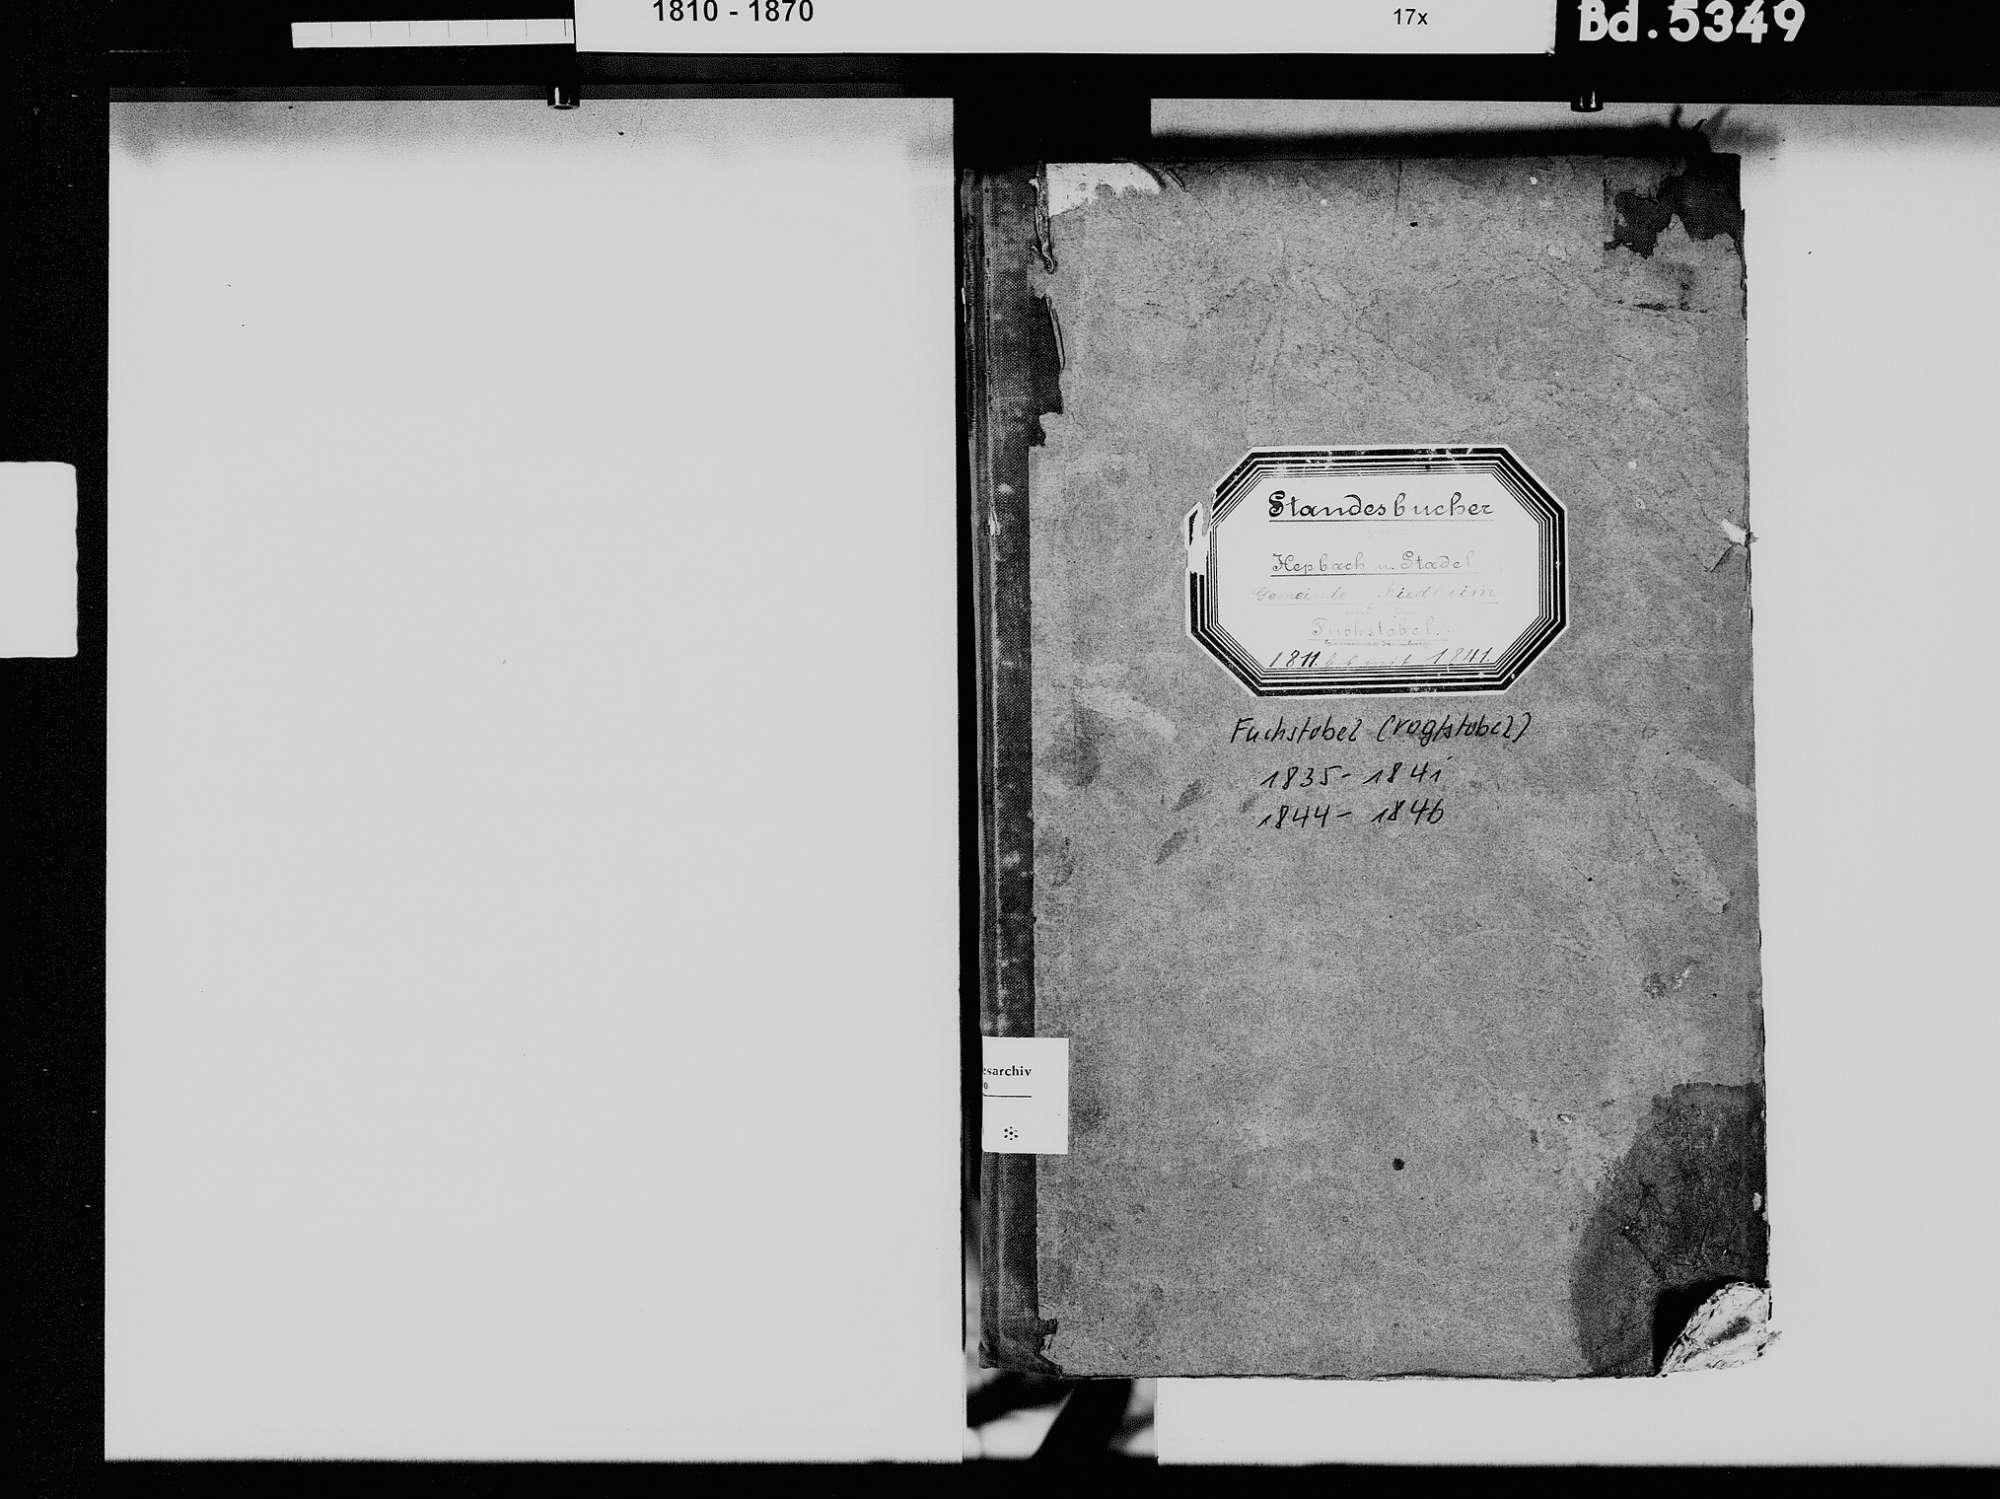 Hepbach, Riedheim, Markdorf FN; Katholische Gemeinde: Standesbuch, Bild 3